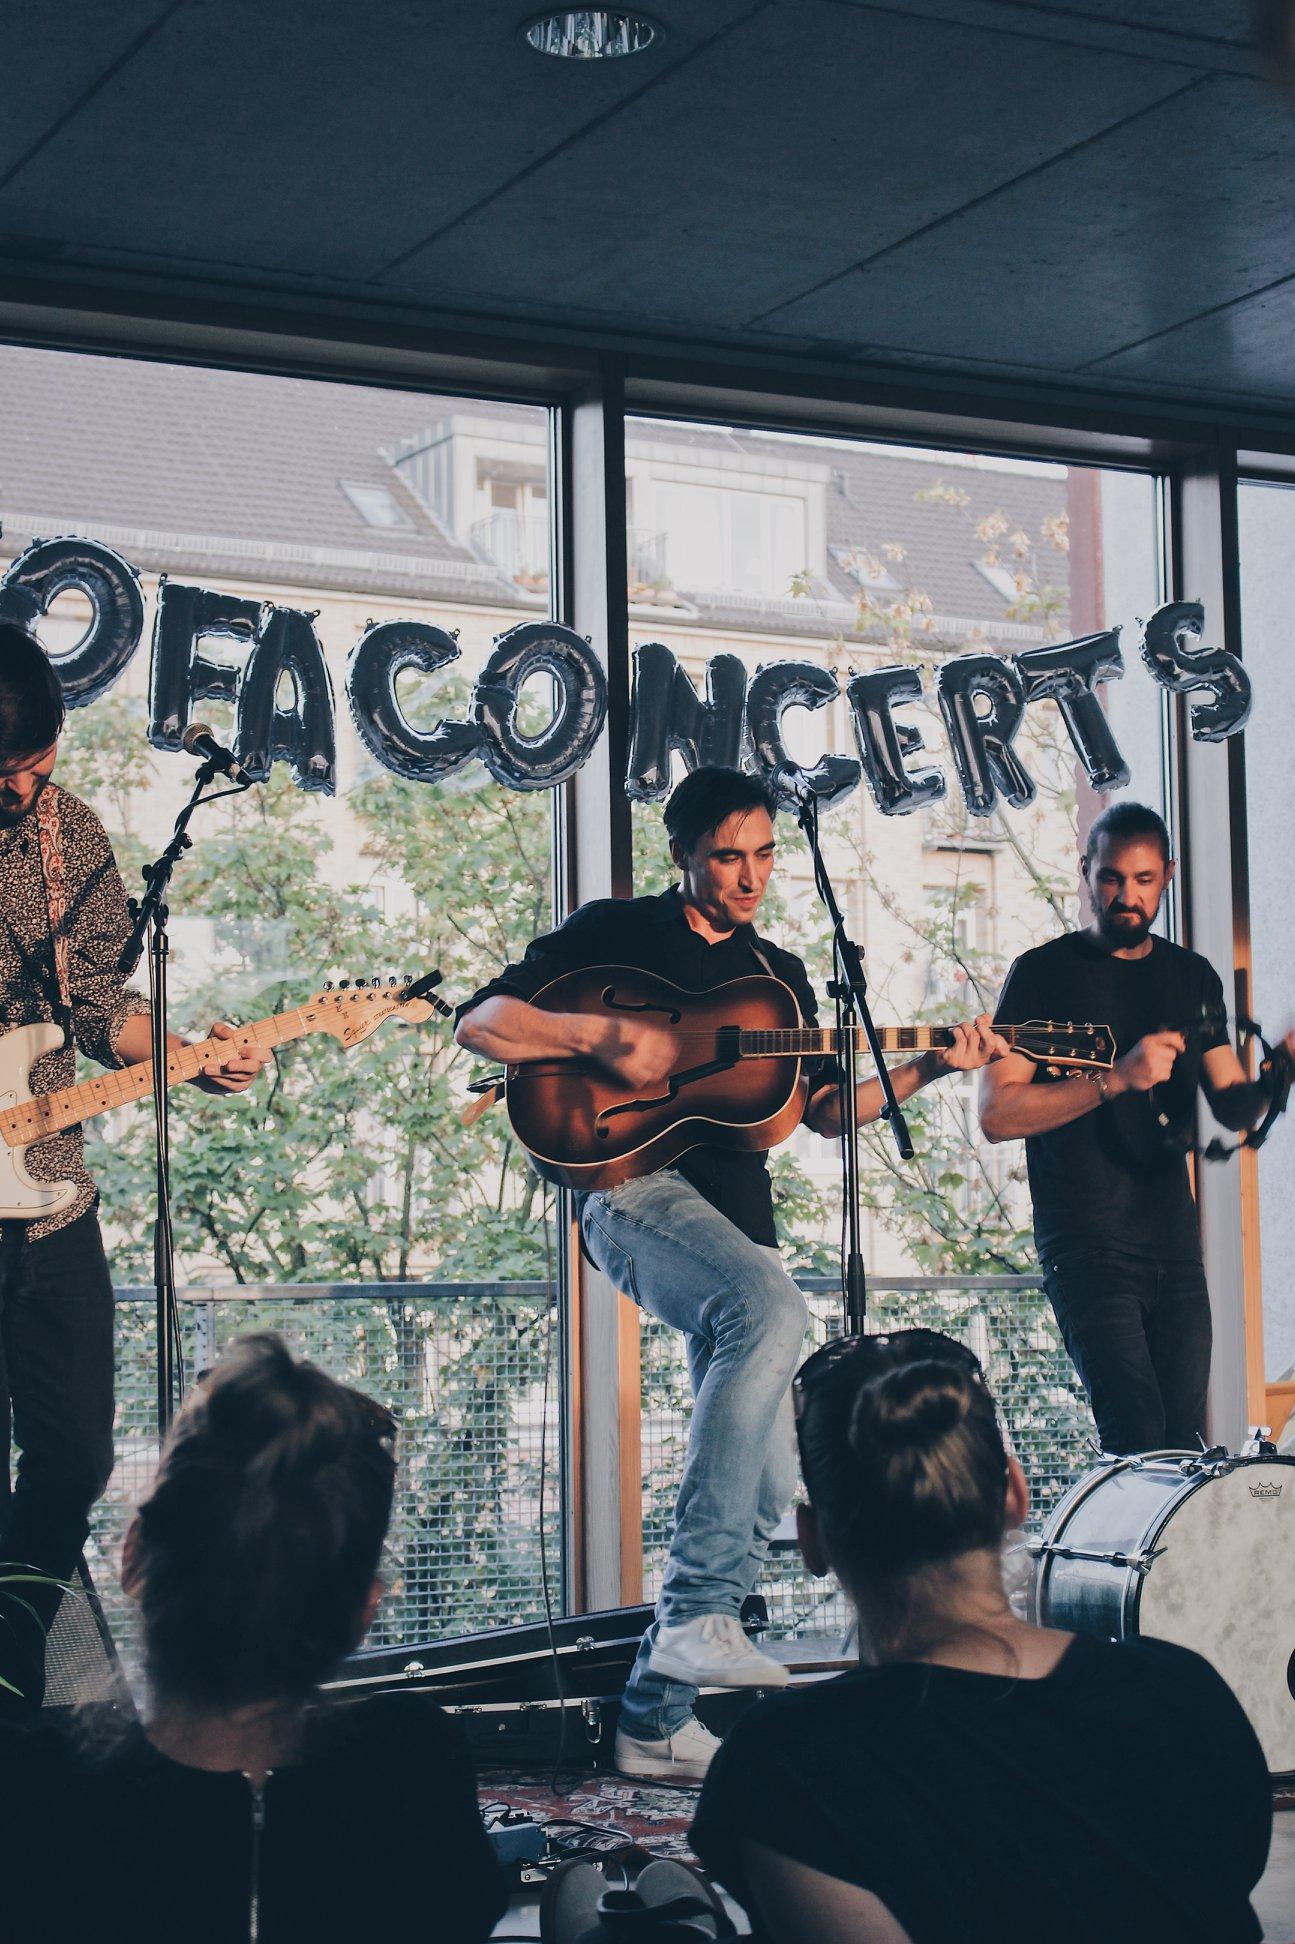 SofaConcerts bietet persönliche Videobotschaften in Form von Mini-Konzerten an.